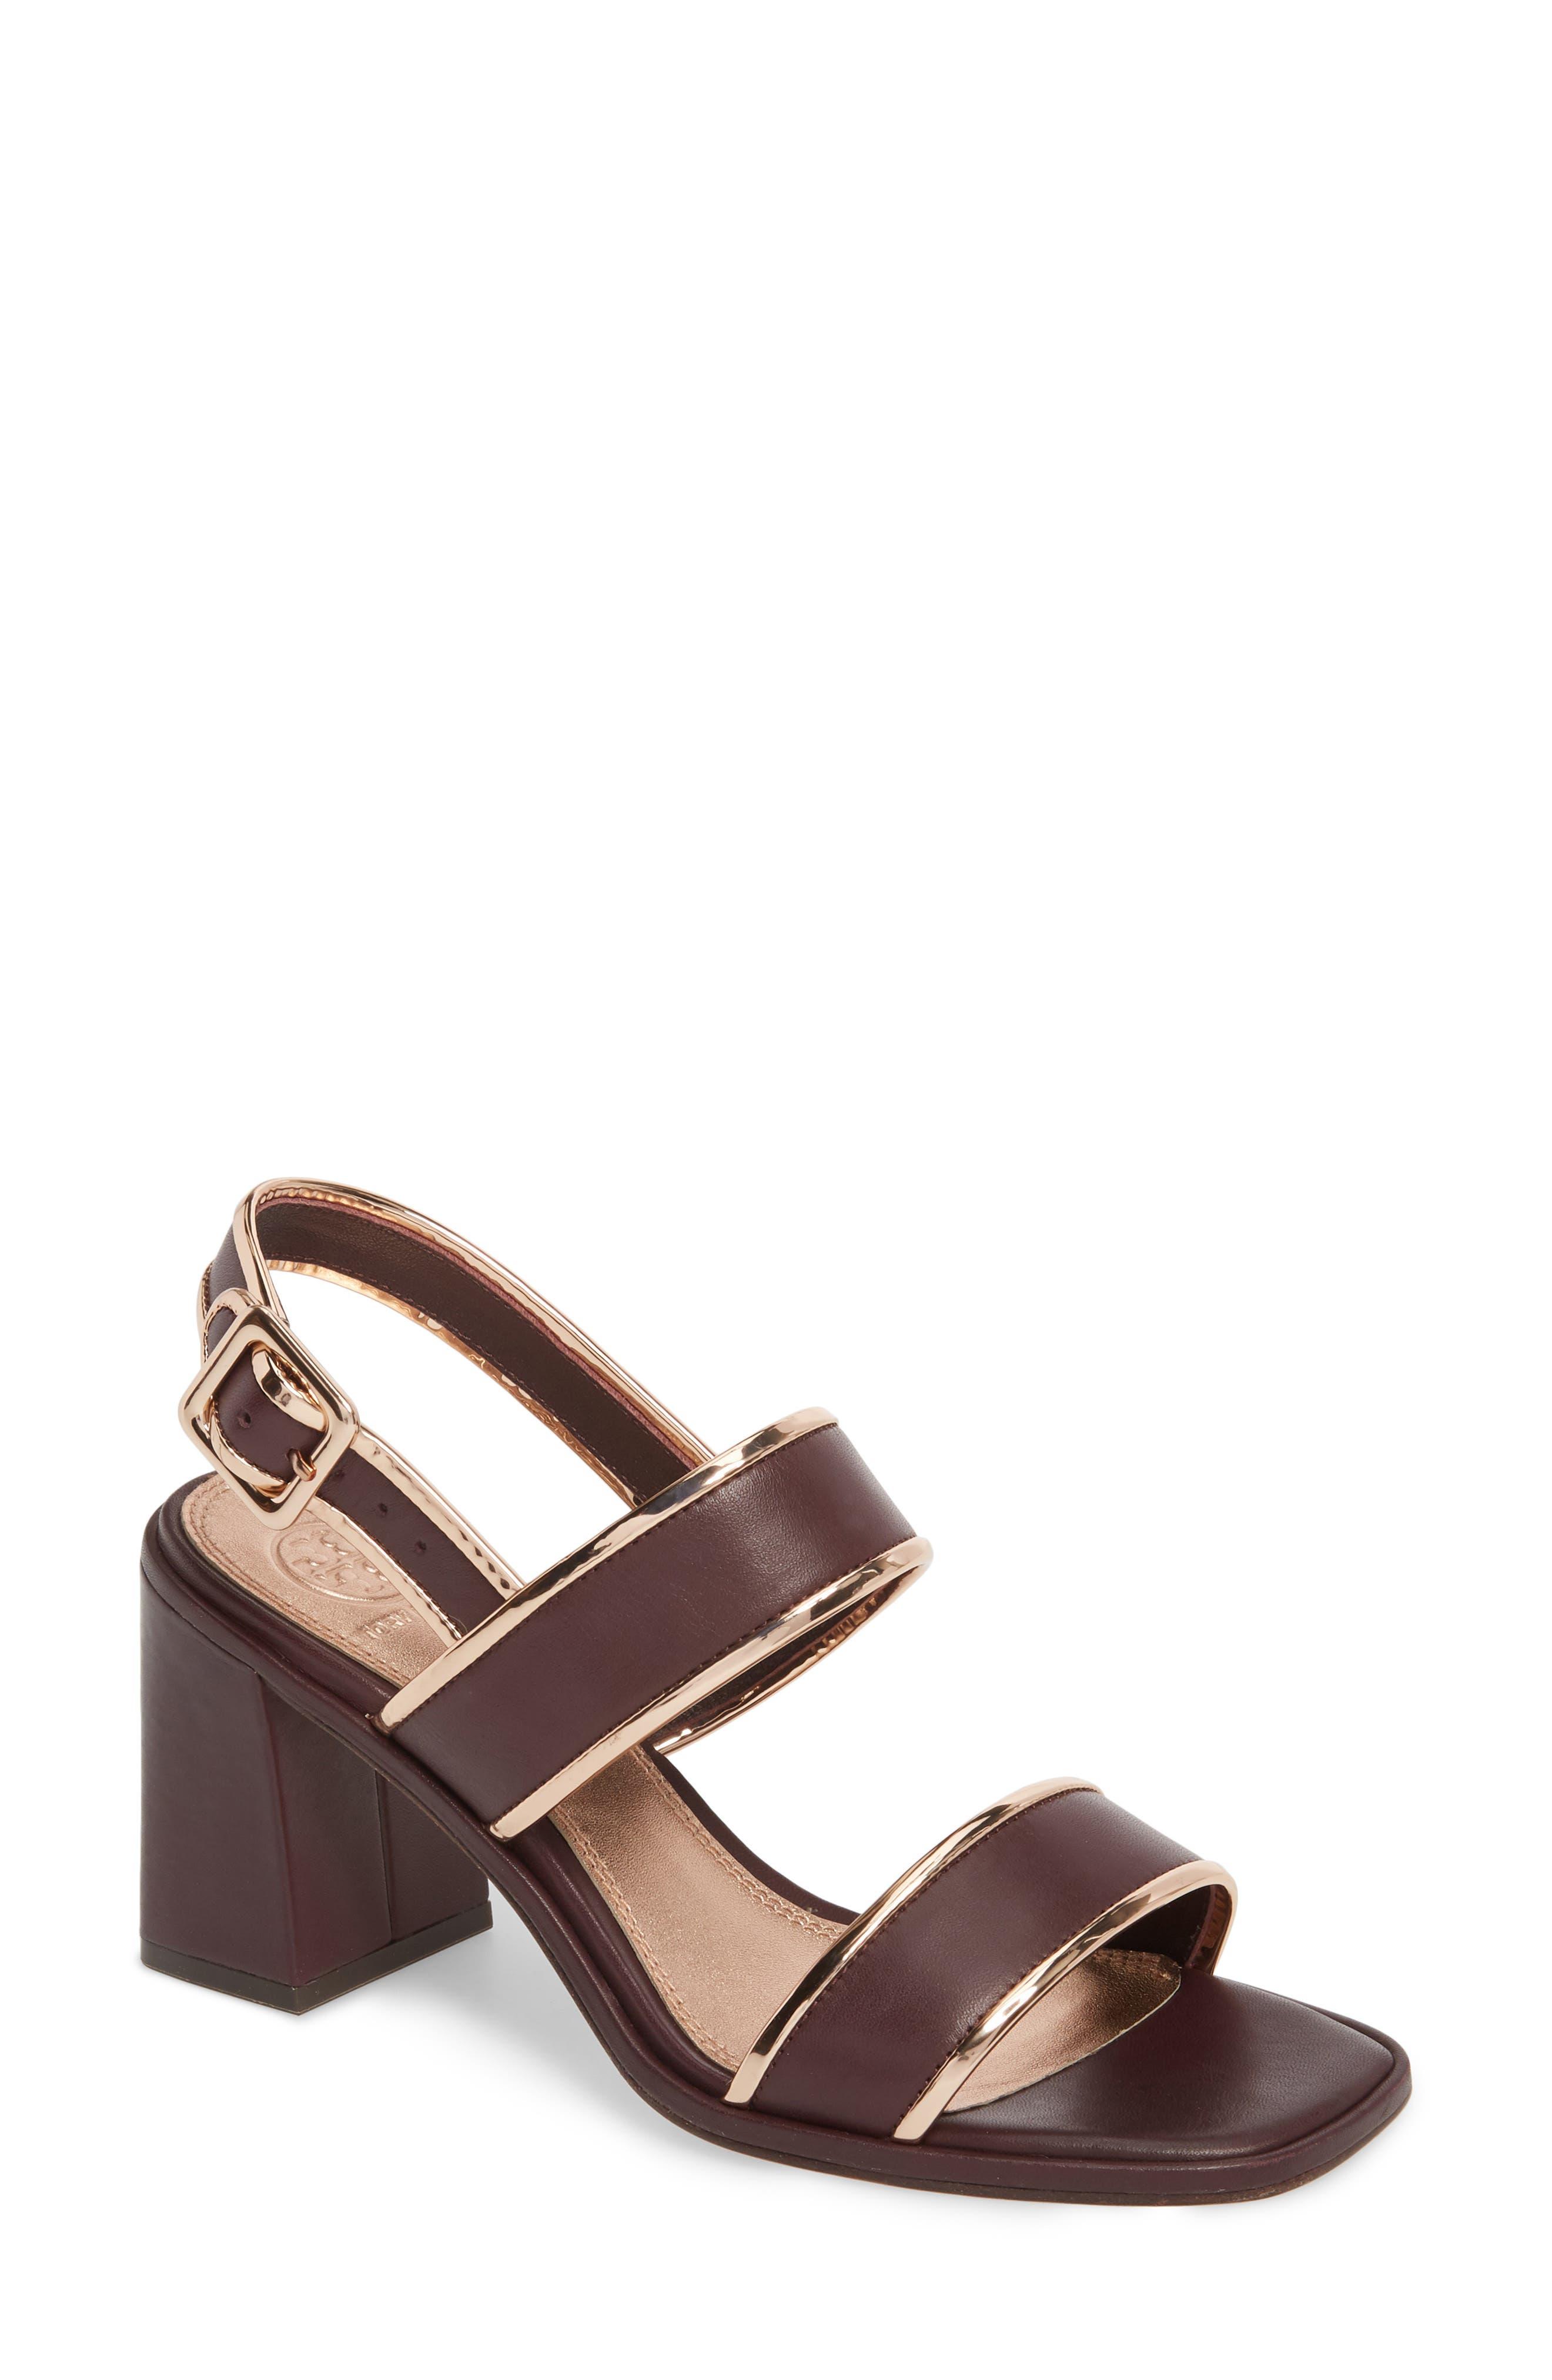 Delaney Double Strap Sandal,                             Main thumbnail 4, color,